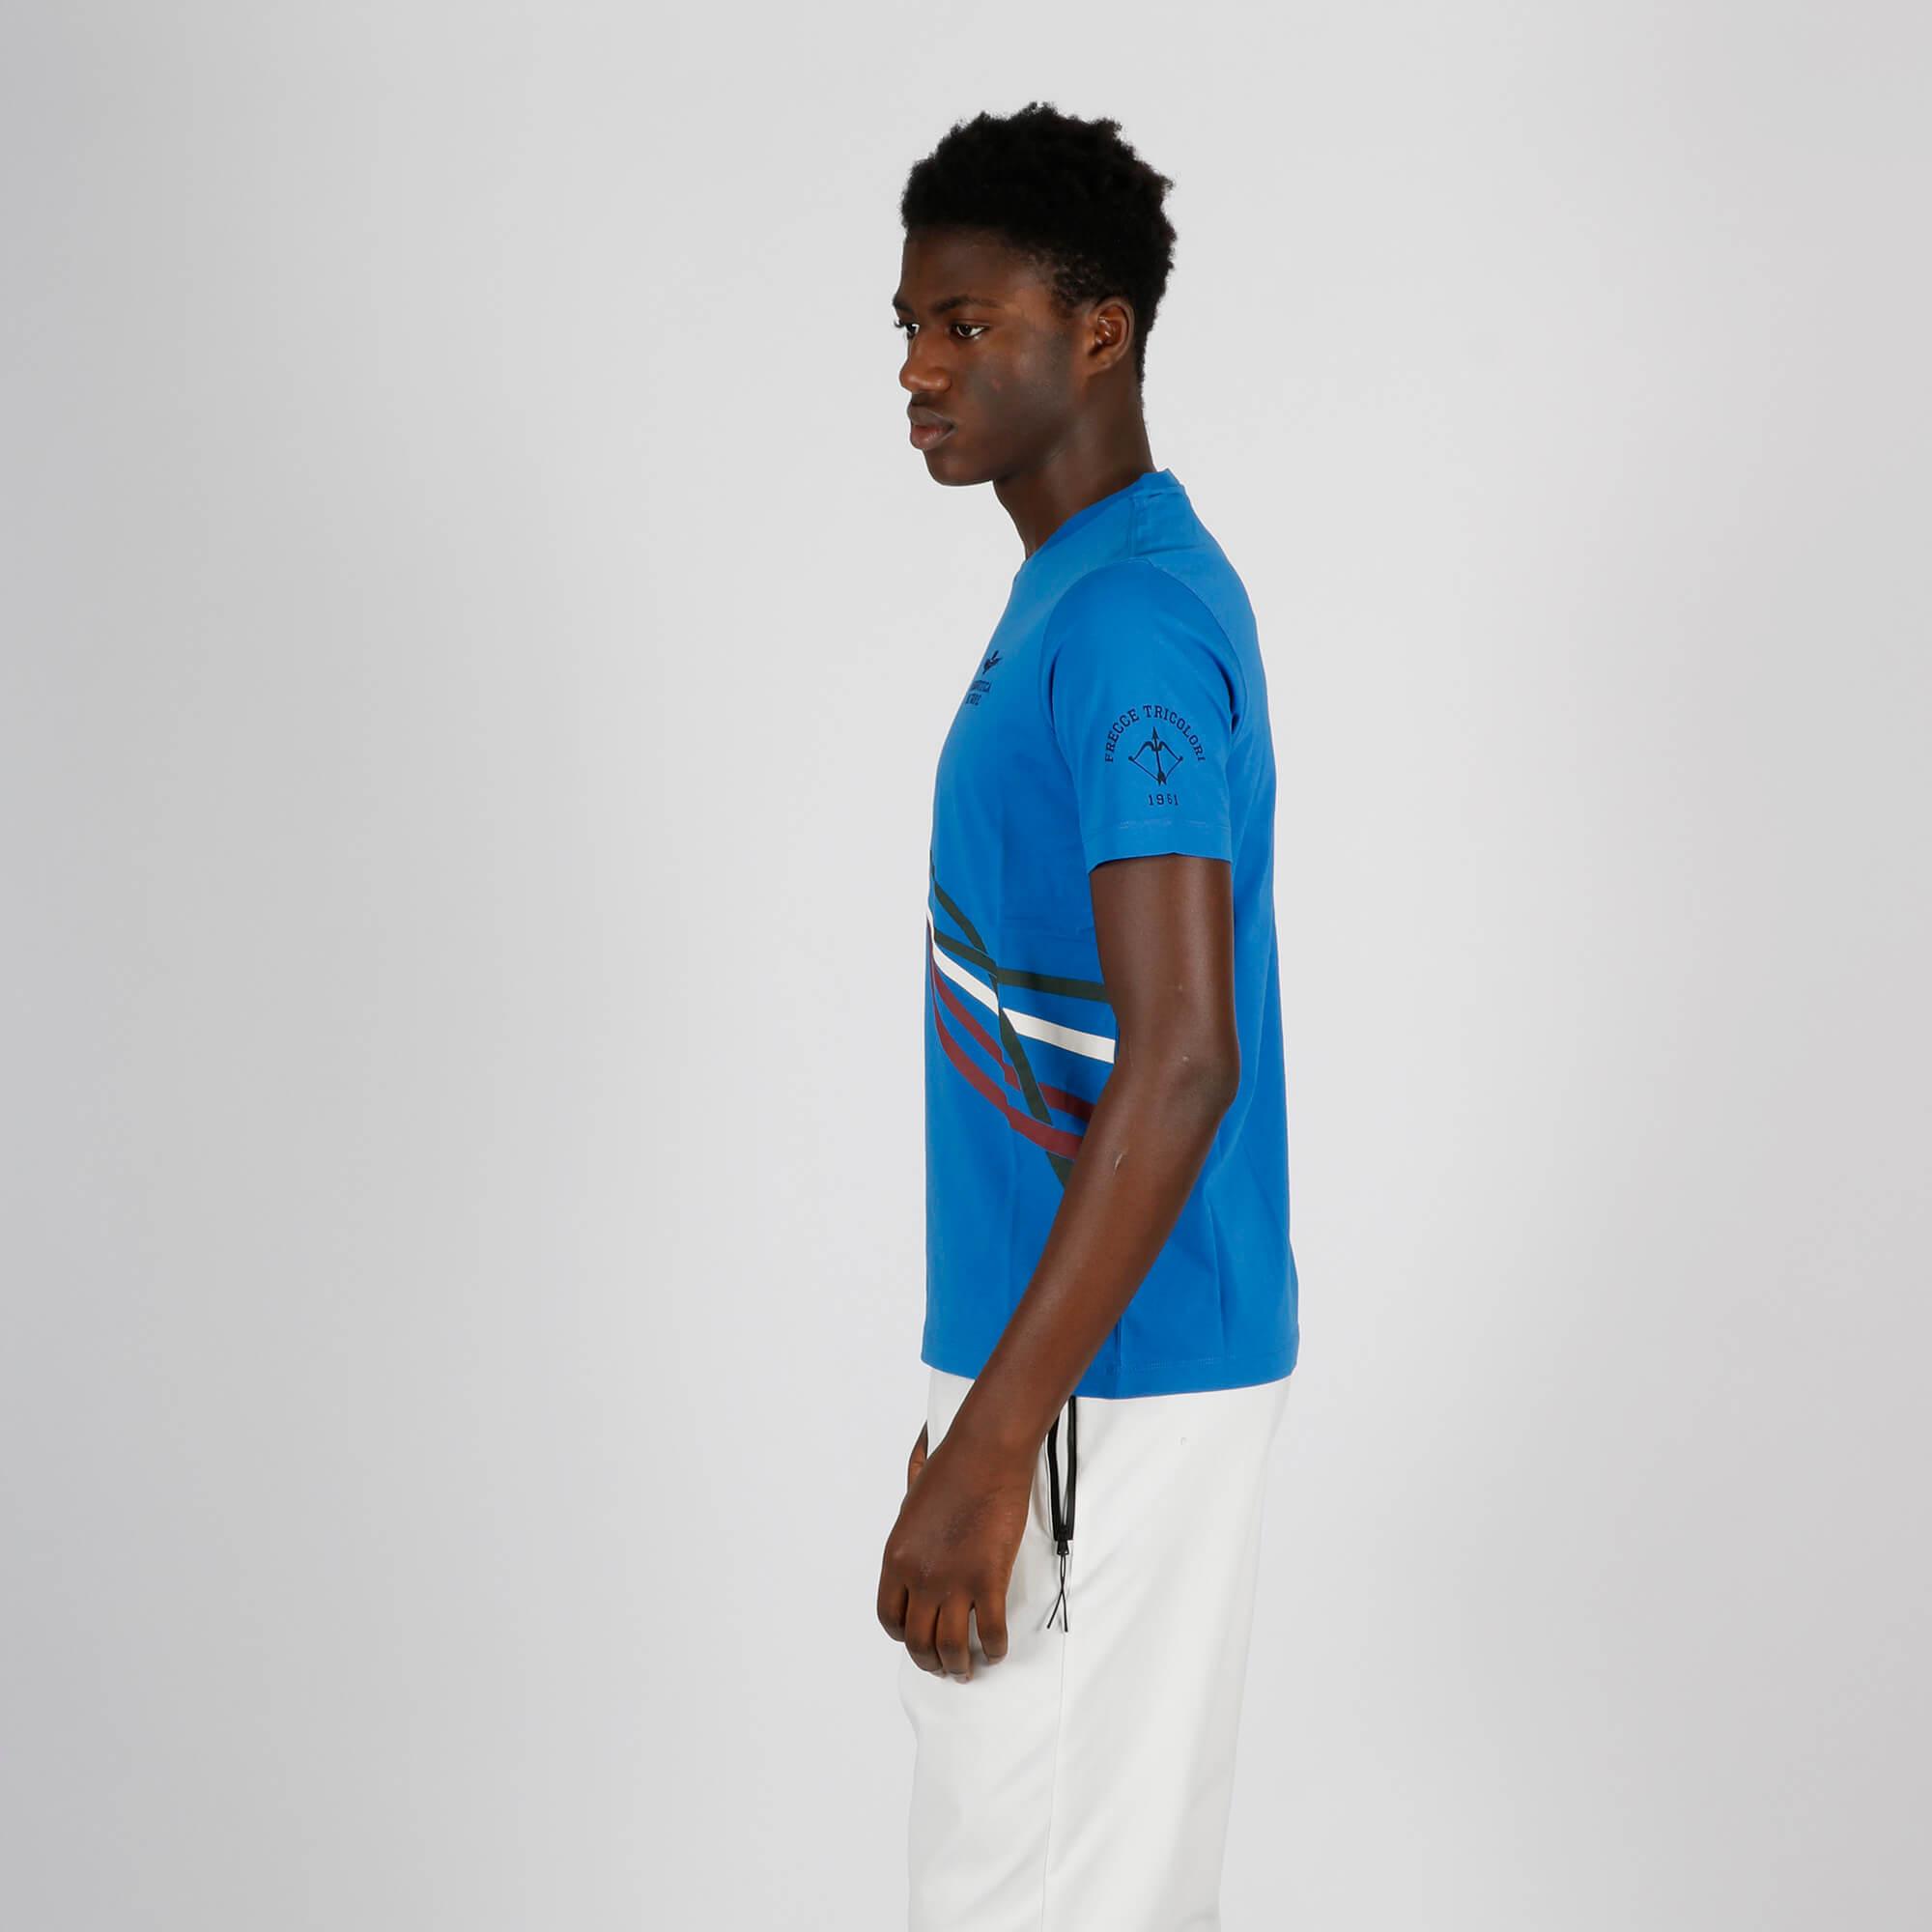 T-shirt frecce tricolore - Bluette